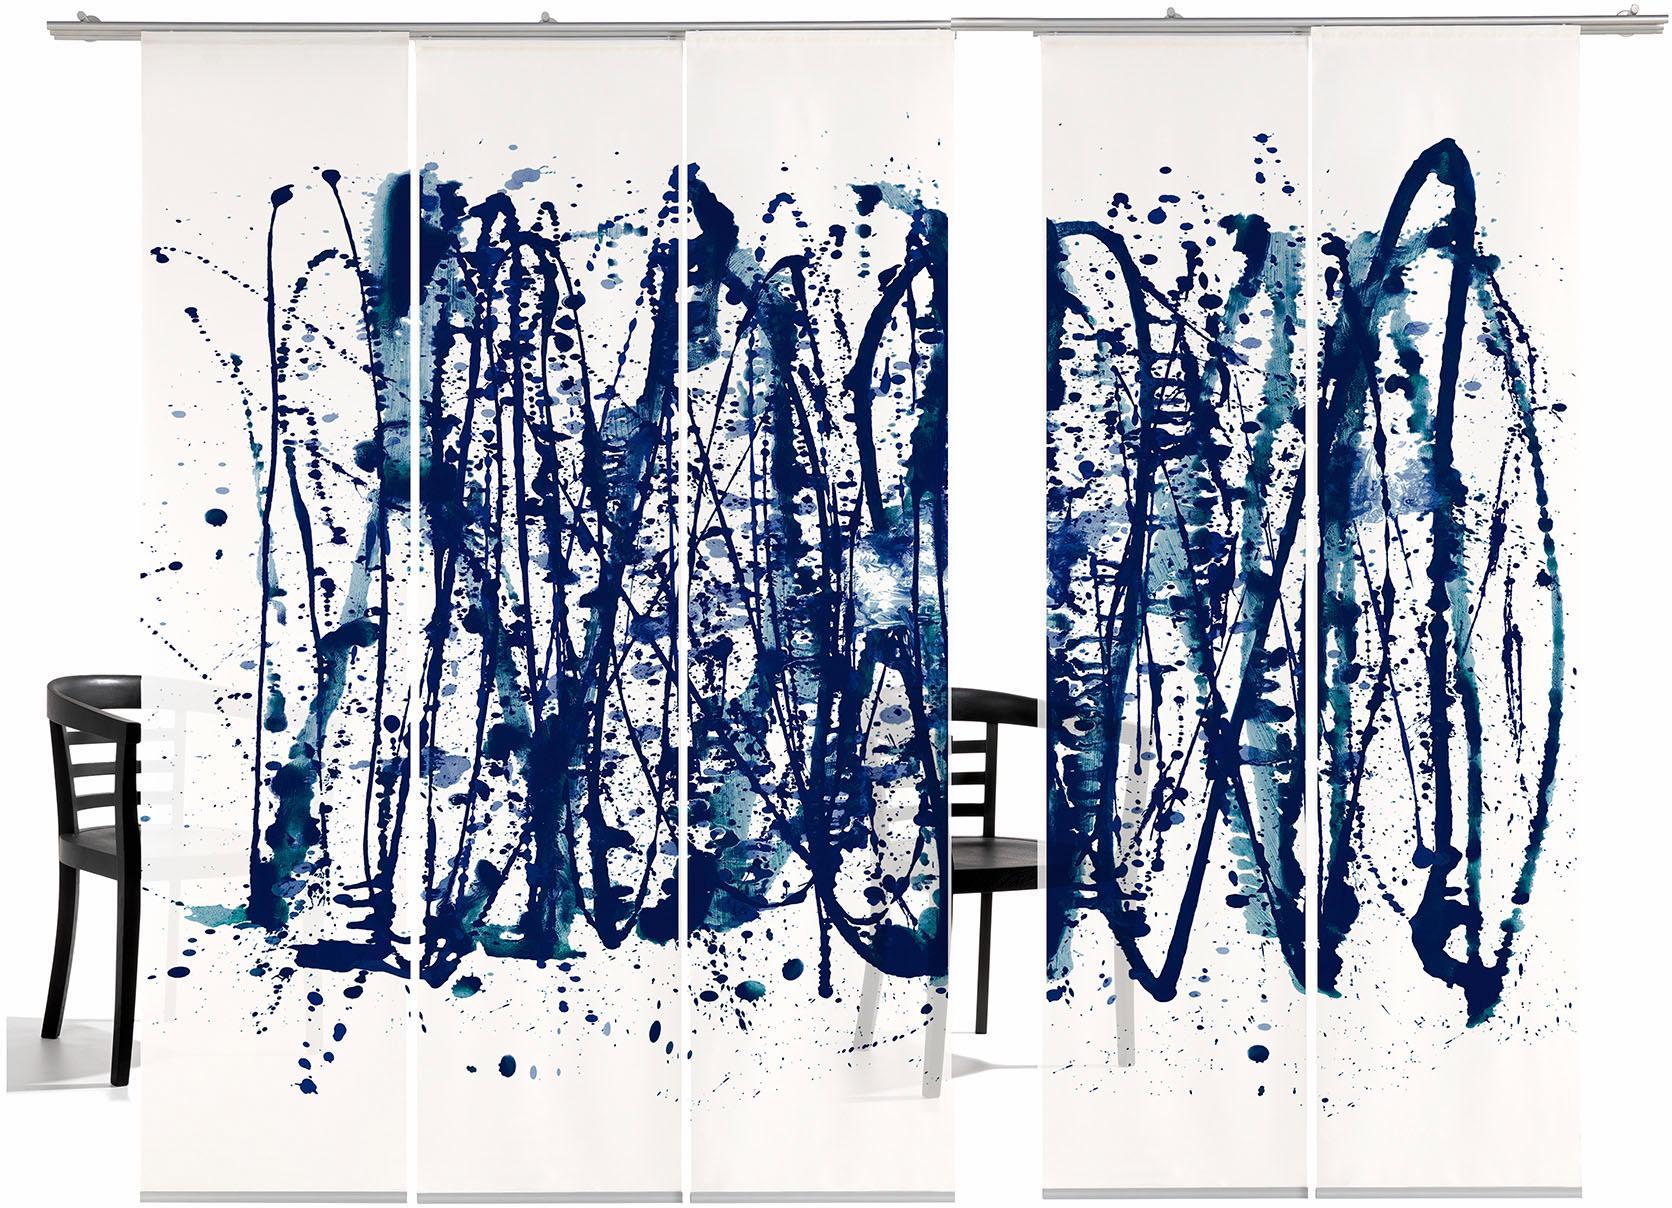 Schiebegardine emotion textiles Ala Polock HA mit Klettband (5 Stück mit Zubehör)